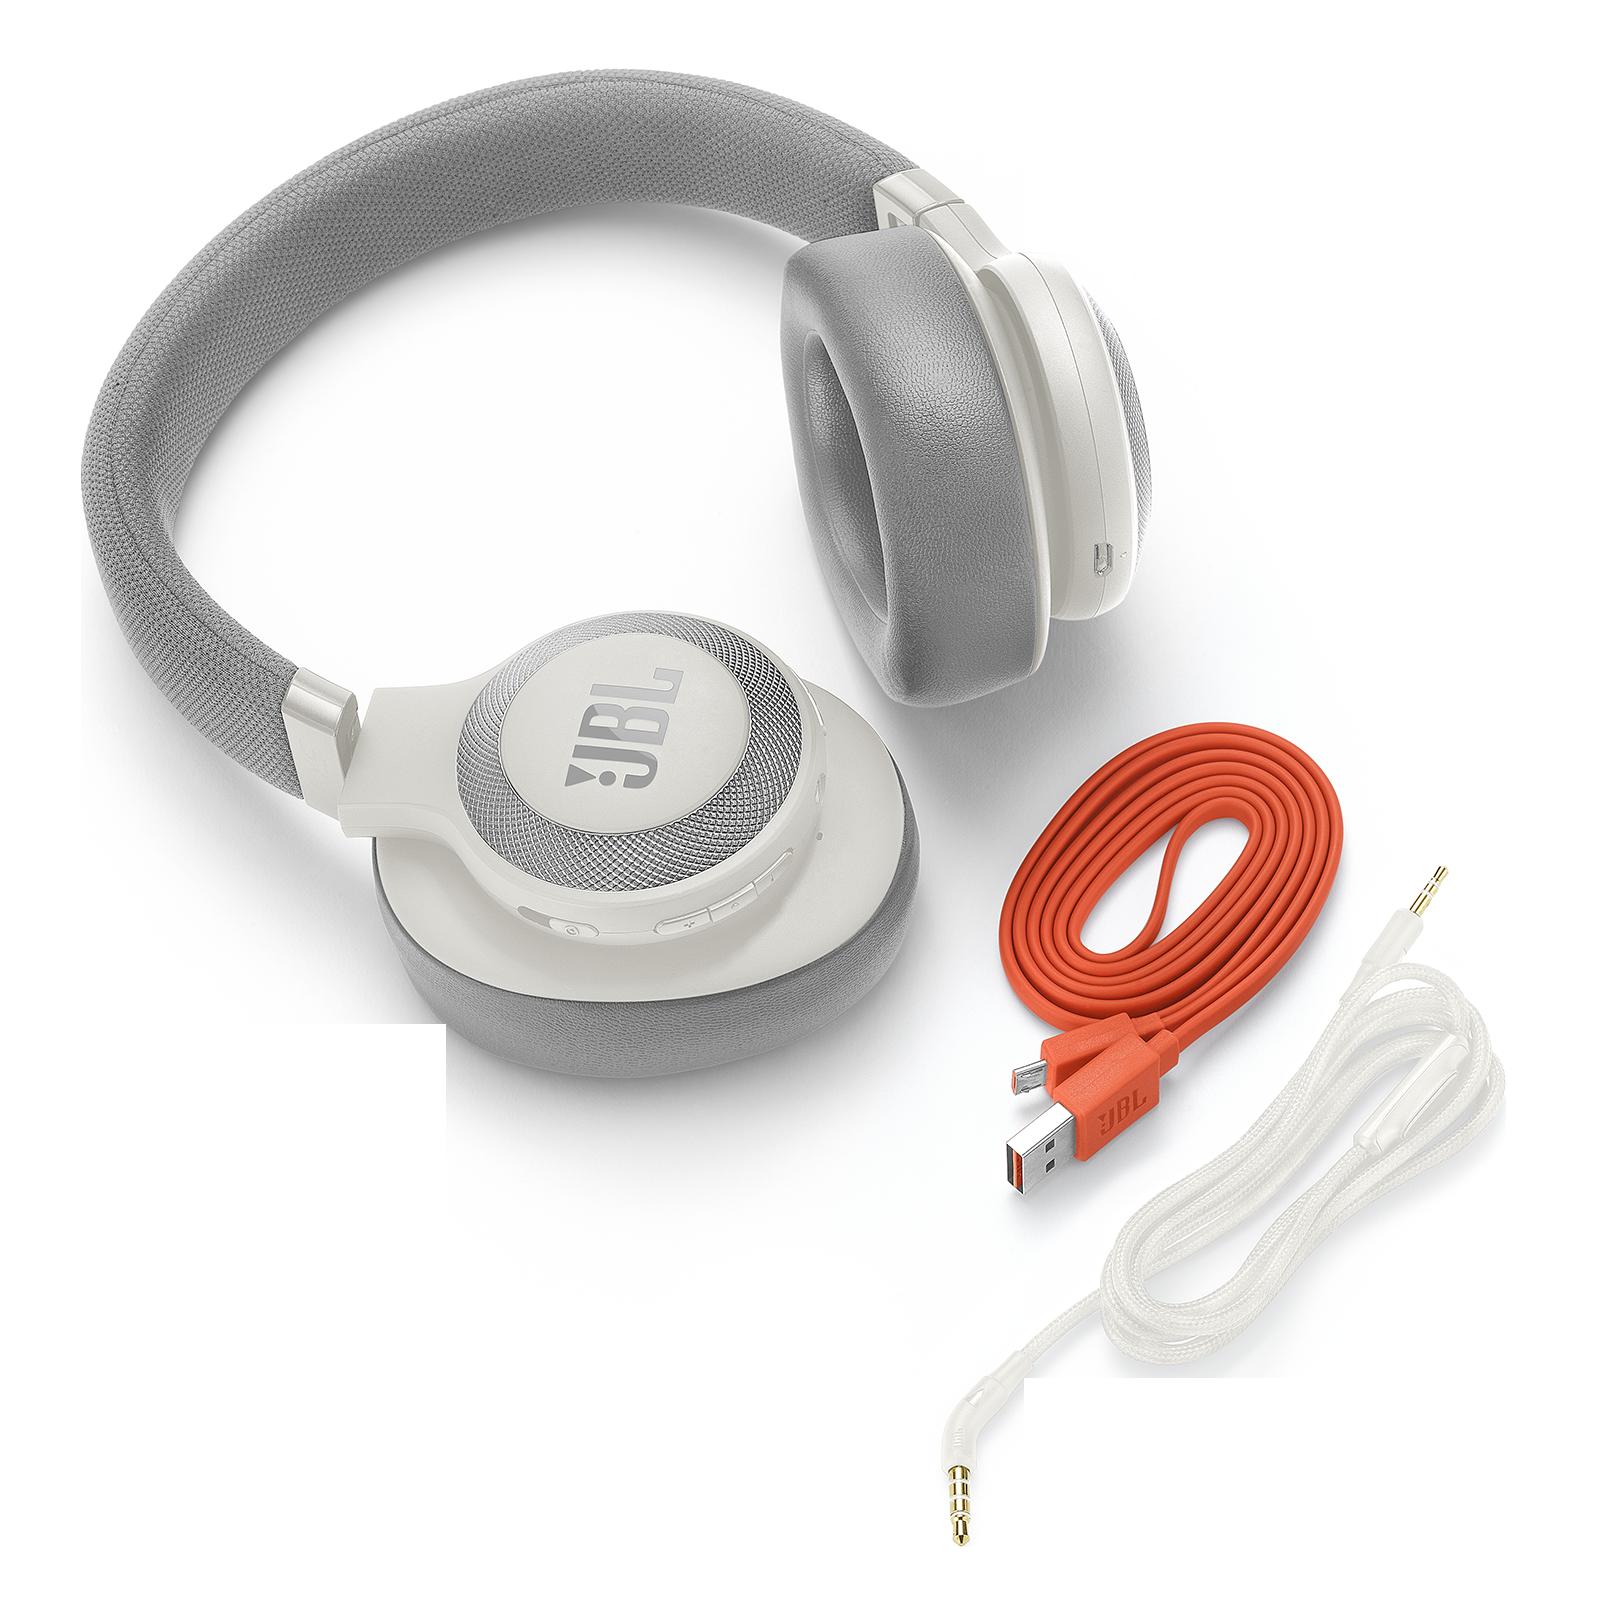 JBL E65BTNC - White - Wireless over-ear noise-cancelling headphones - Detailshot 3